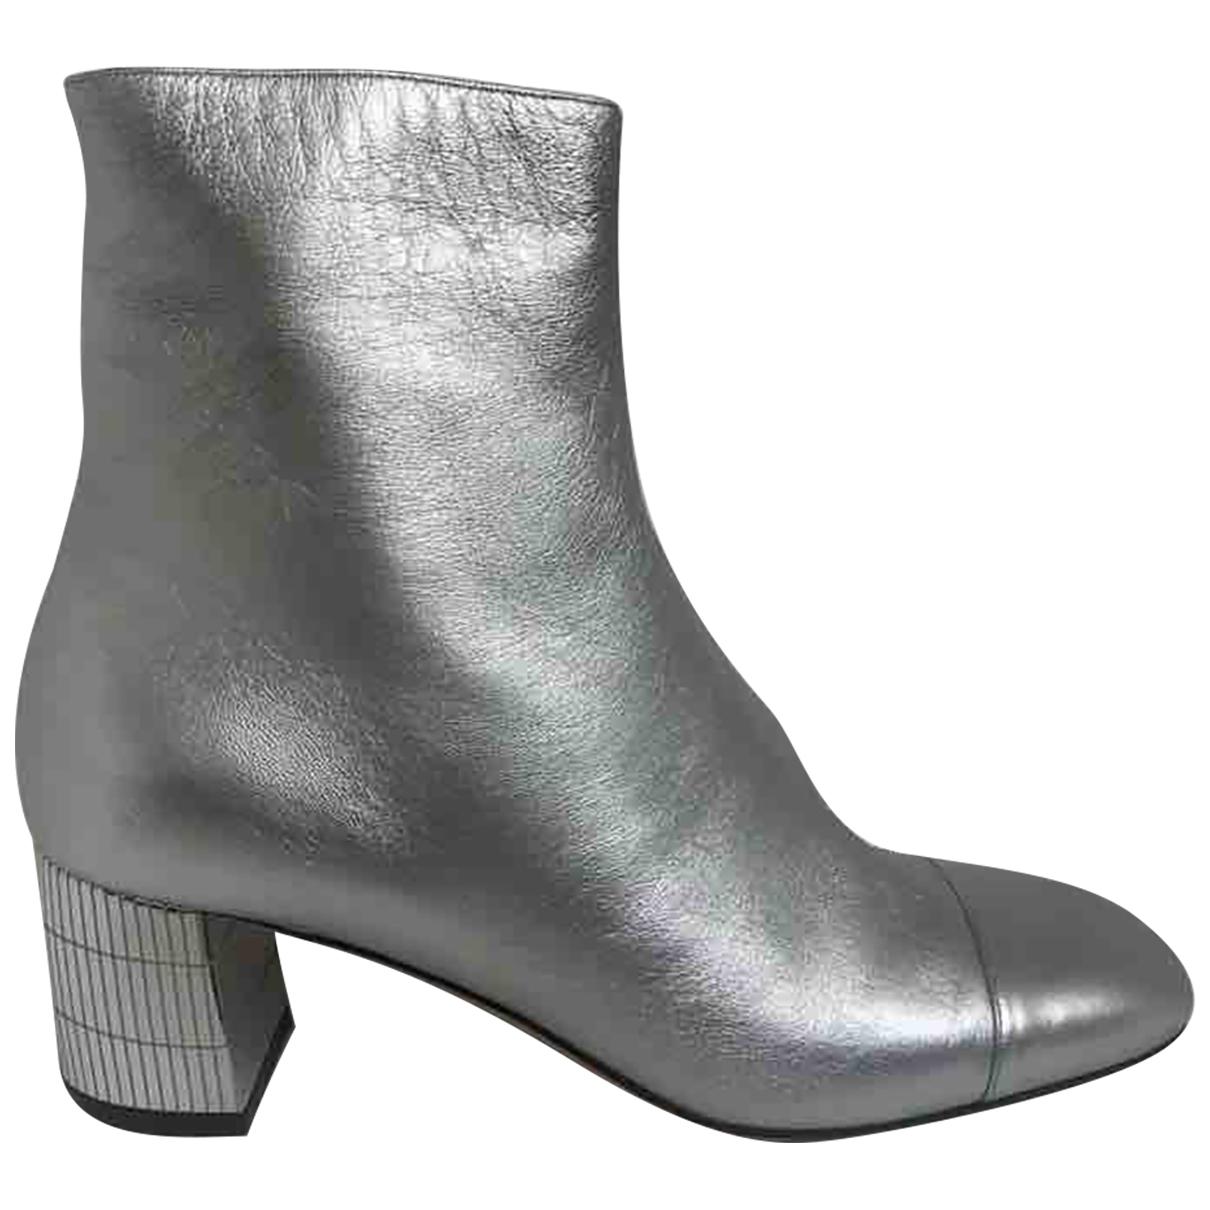 Bally - Boots   pour femme en cuir - argente